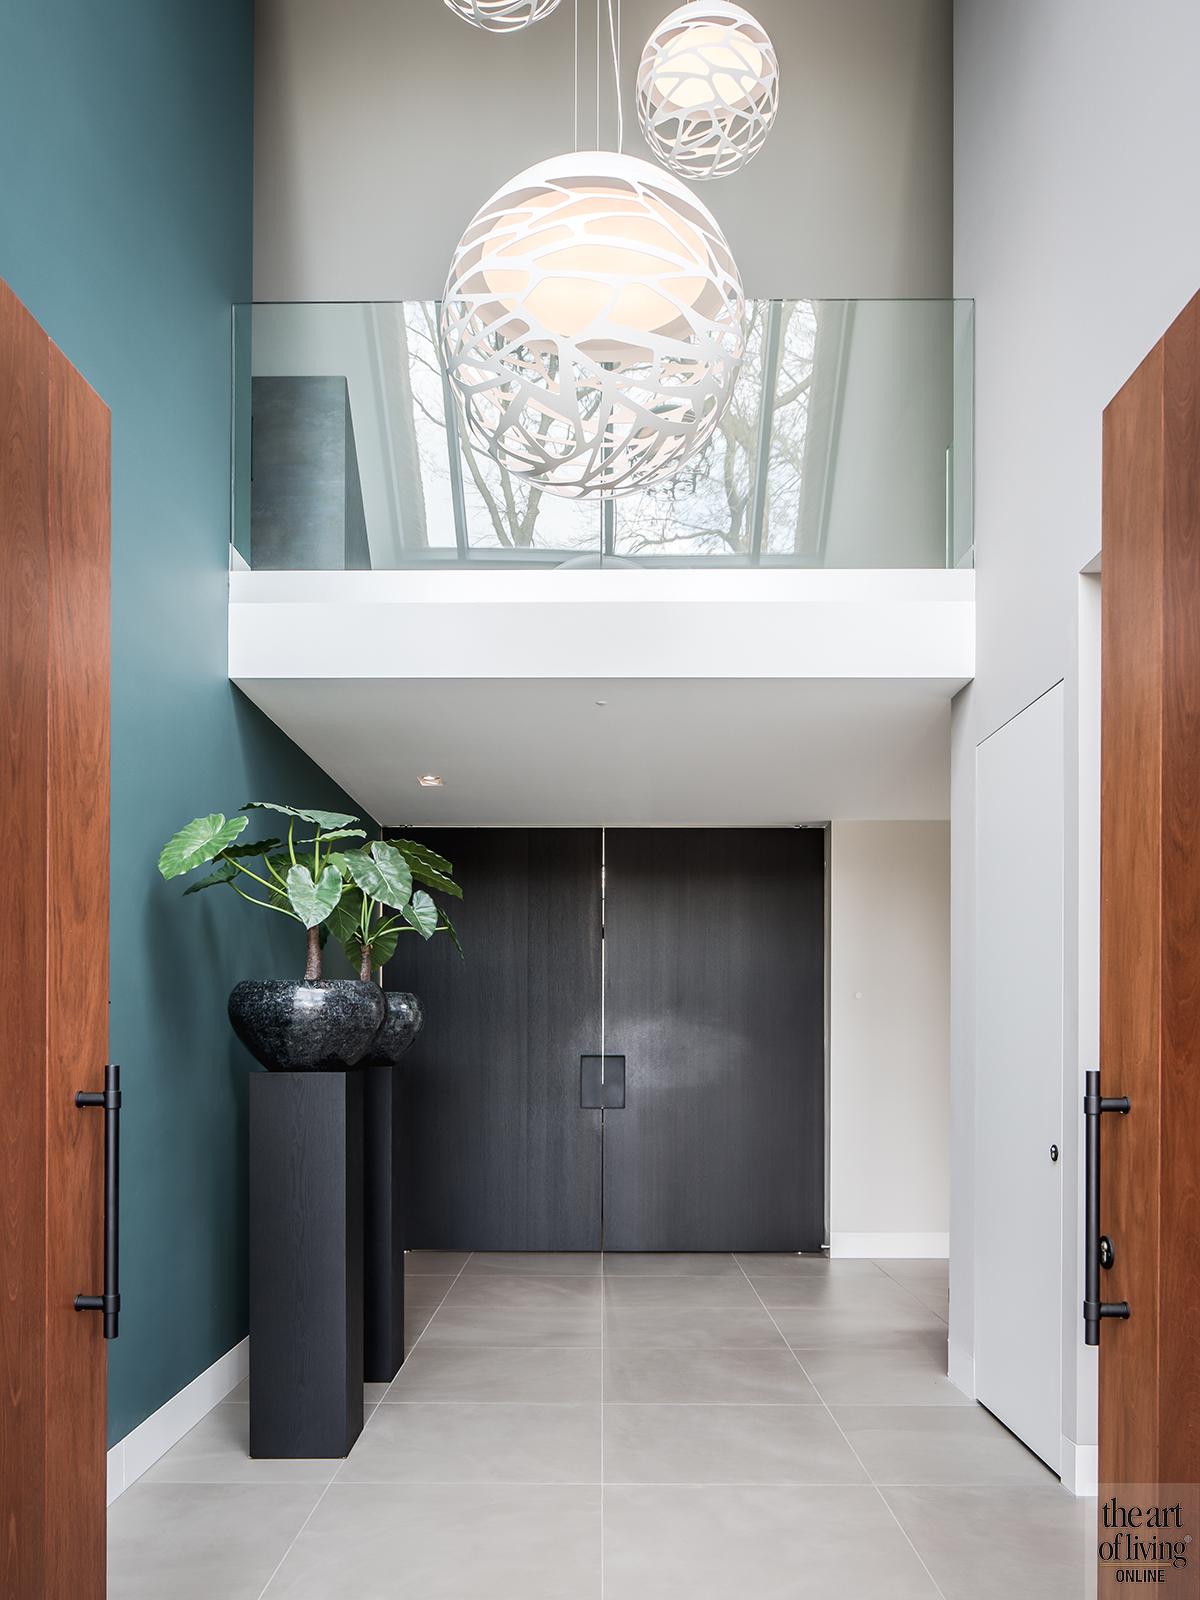 Natuurlijke materialen, Drijvers, Livingroom, Alphenberg, Velours bank, Lounge, Design interieur, Interieur, Leren wandbekleding, Inkom, Hal, Vide, Design lampen